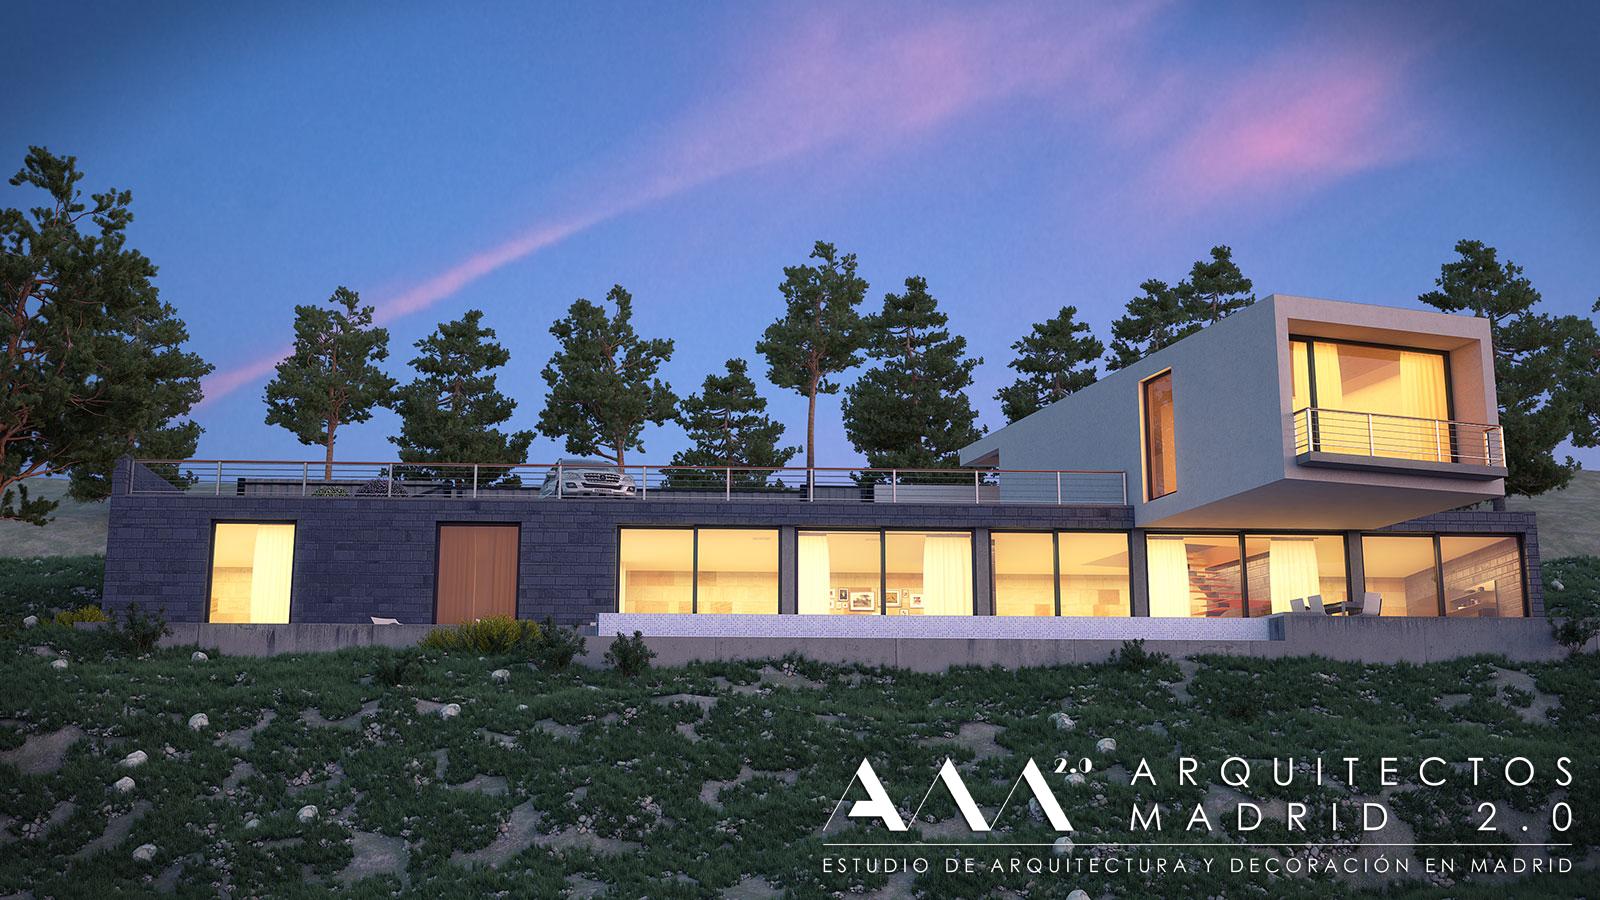 Viviendas unifamiliares proyecto y construcci n de casas - Arquitectos madrid 2 0 ...